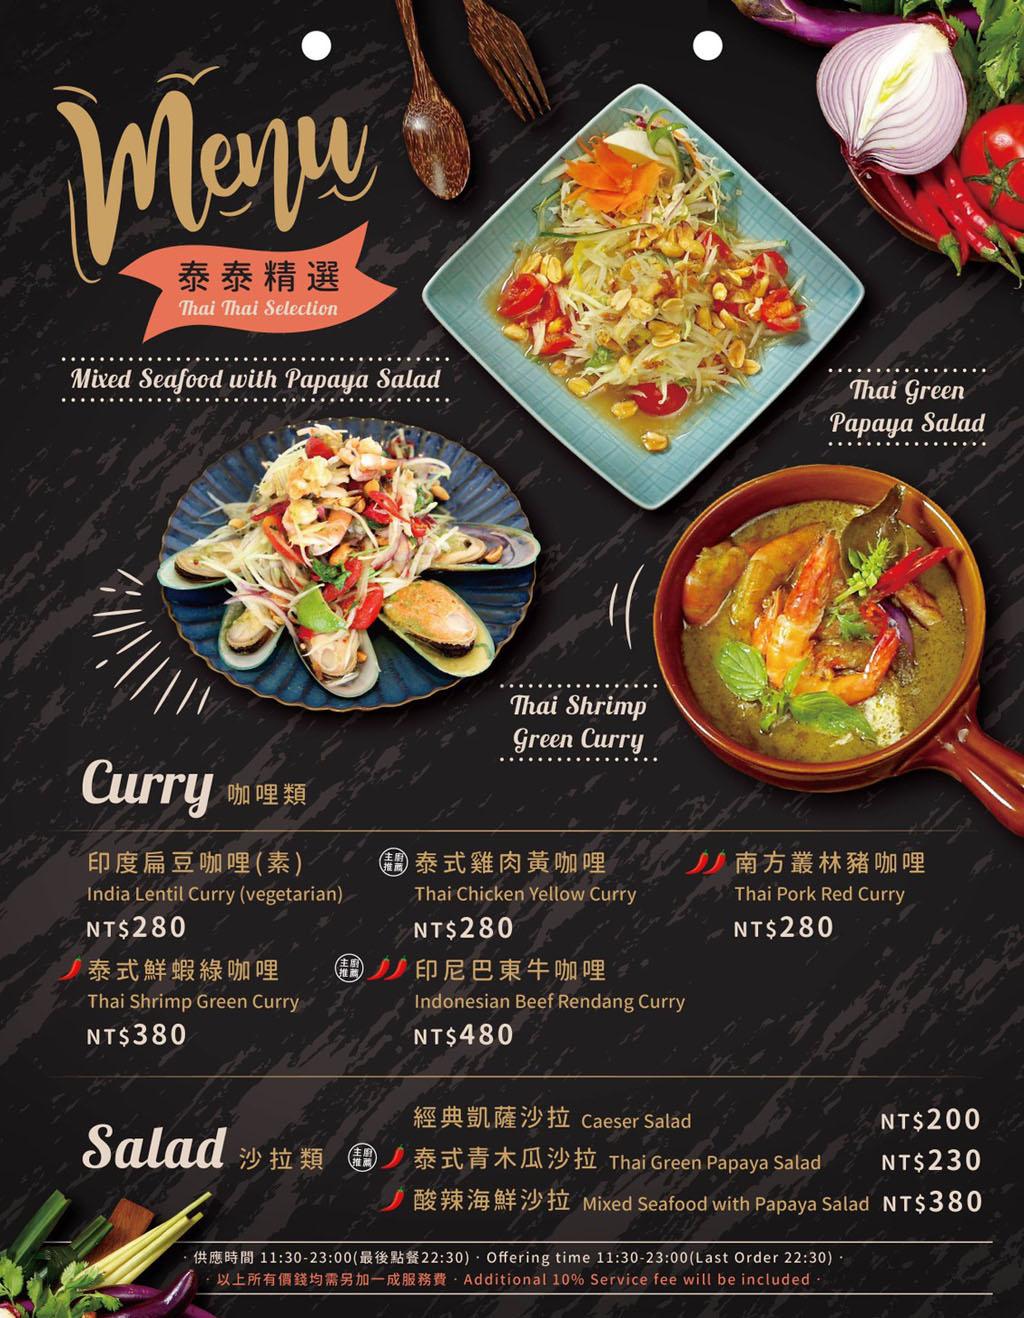 台北花園大酒店-花園thai thai,來頓懶洋洋的南洋美味吧!